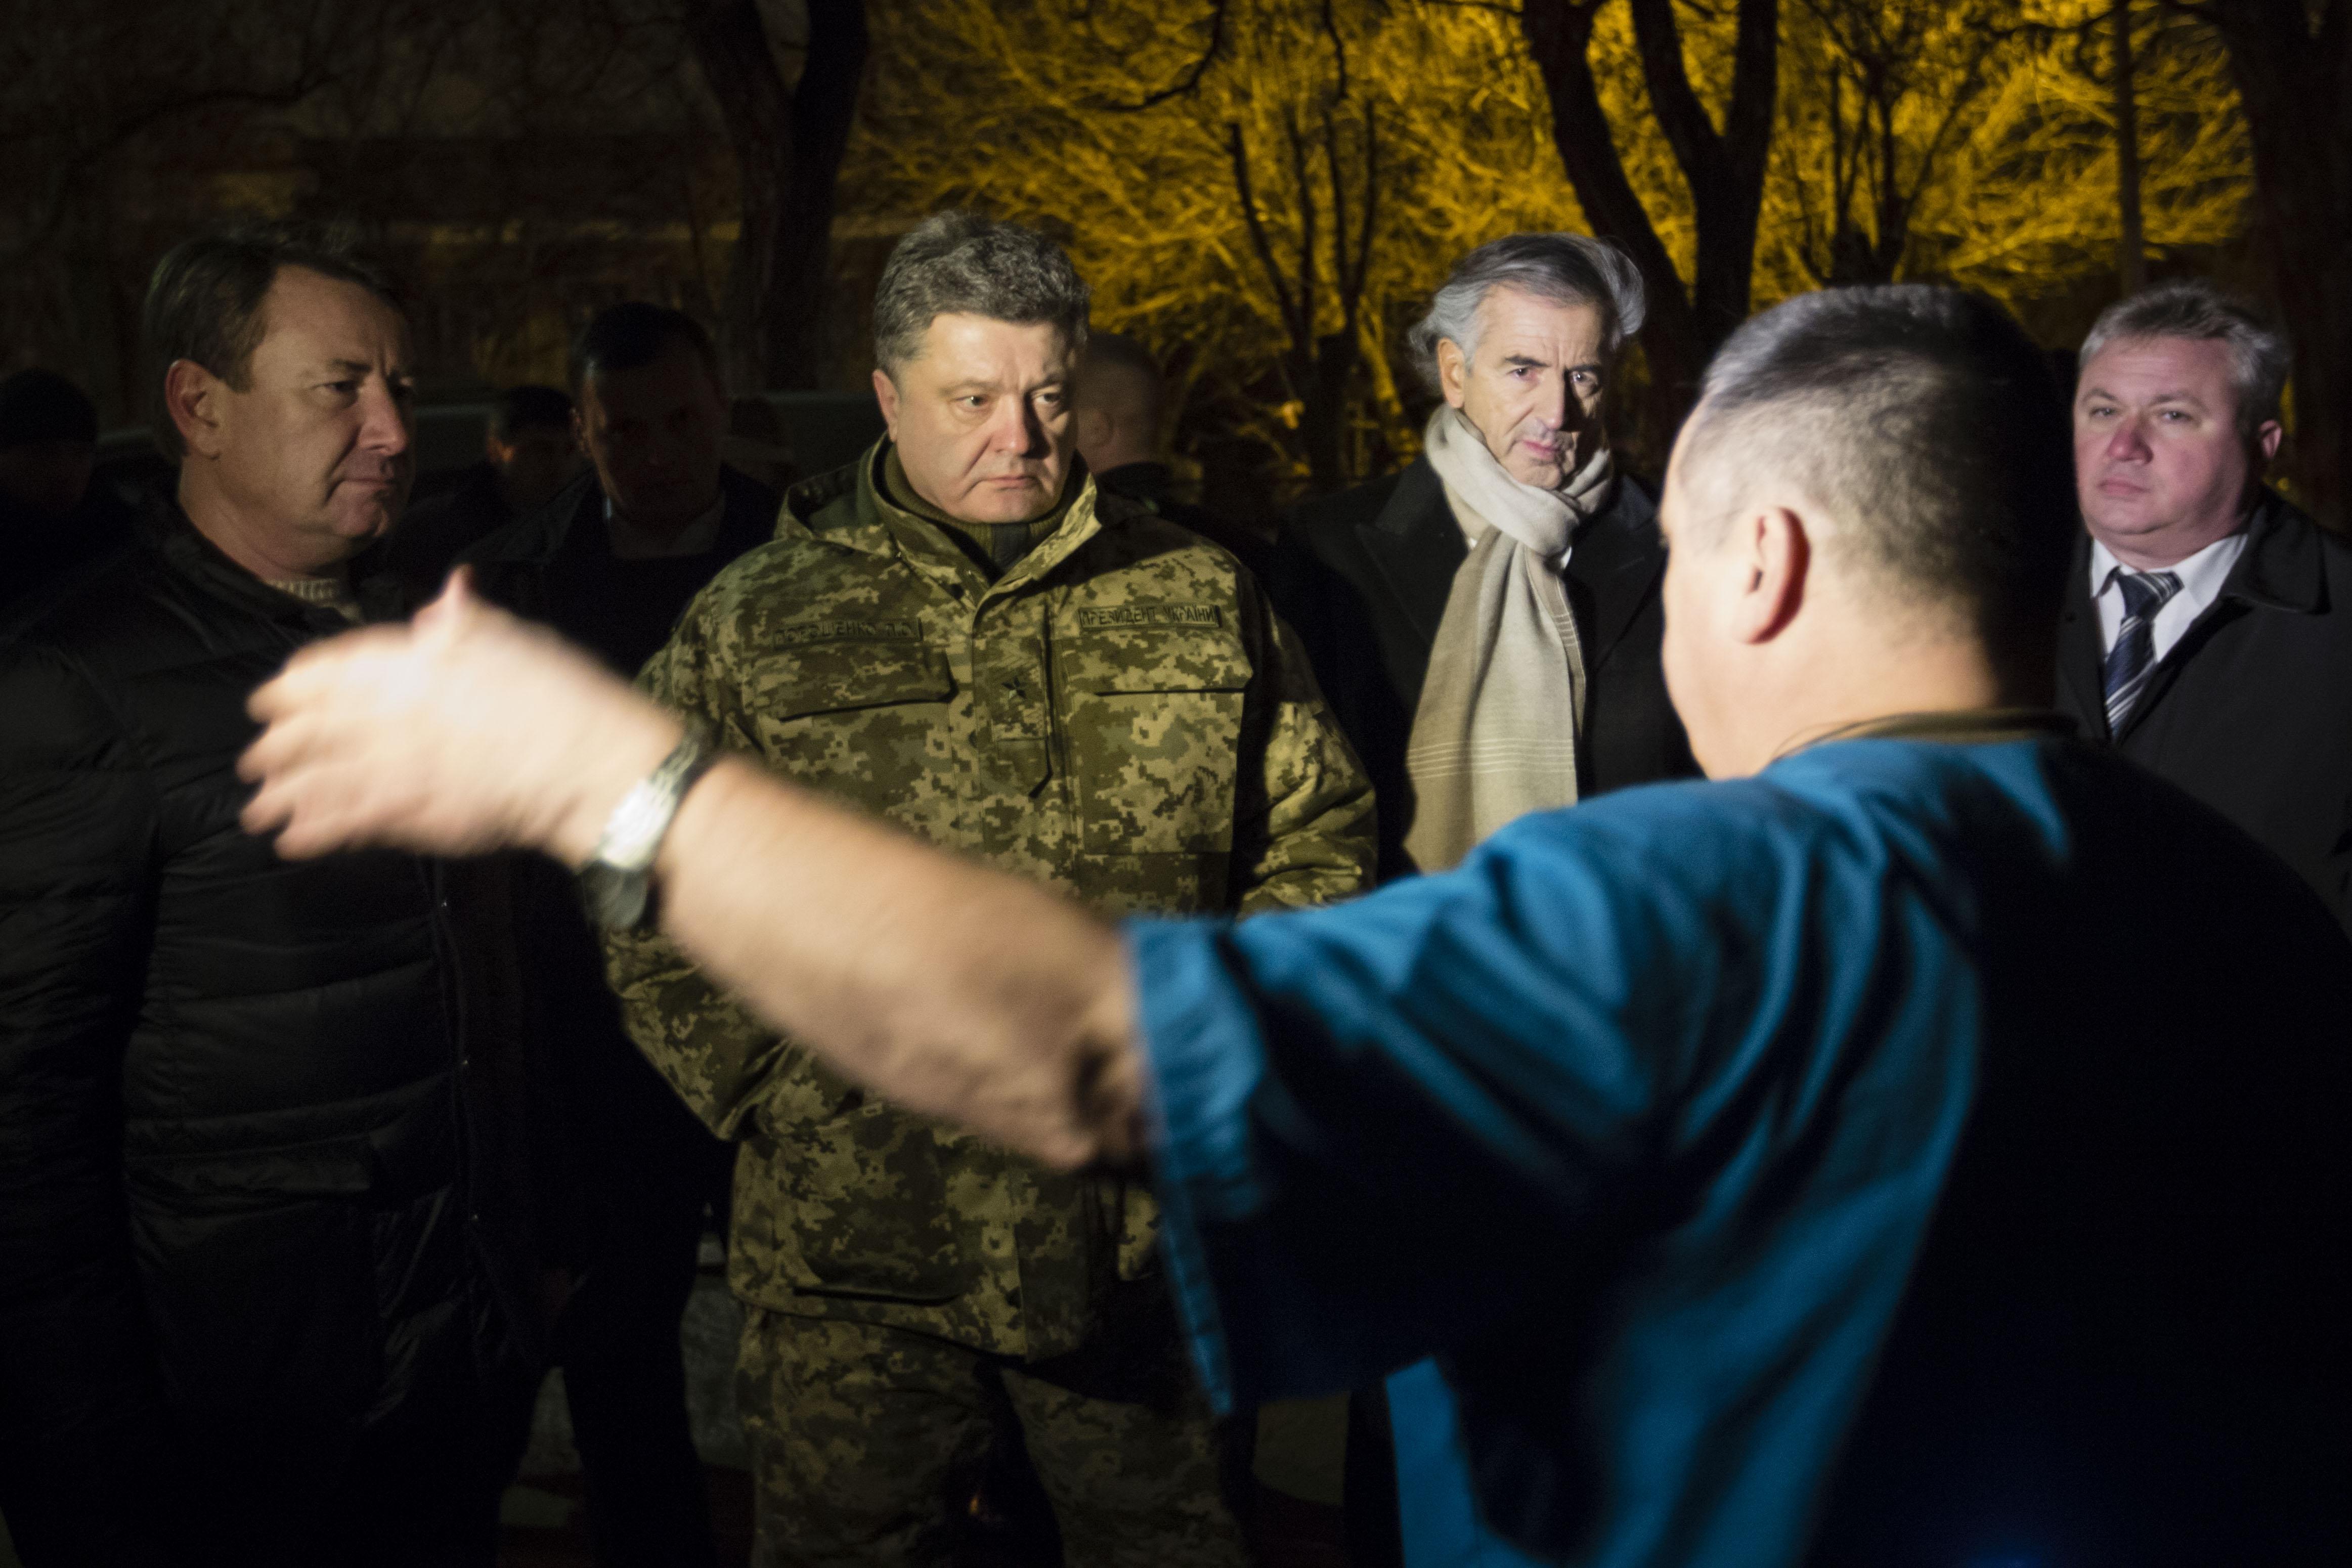 Porochenko-Kramatorsk-Bernard_Henri_Levy-Ukraine